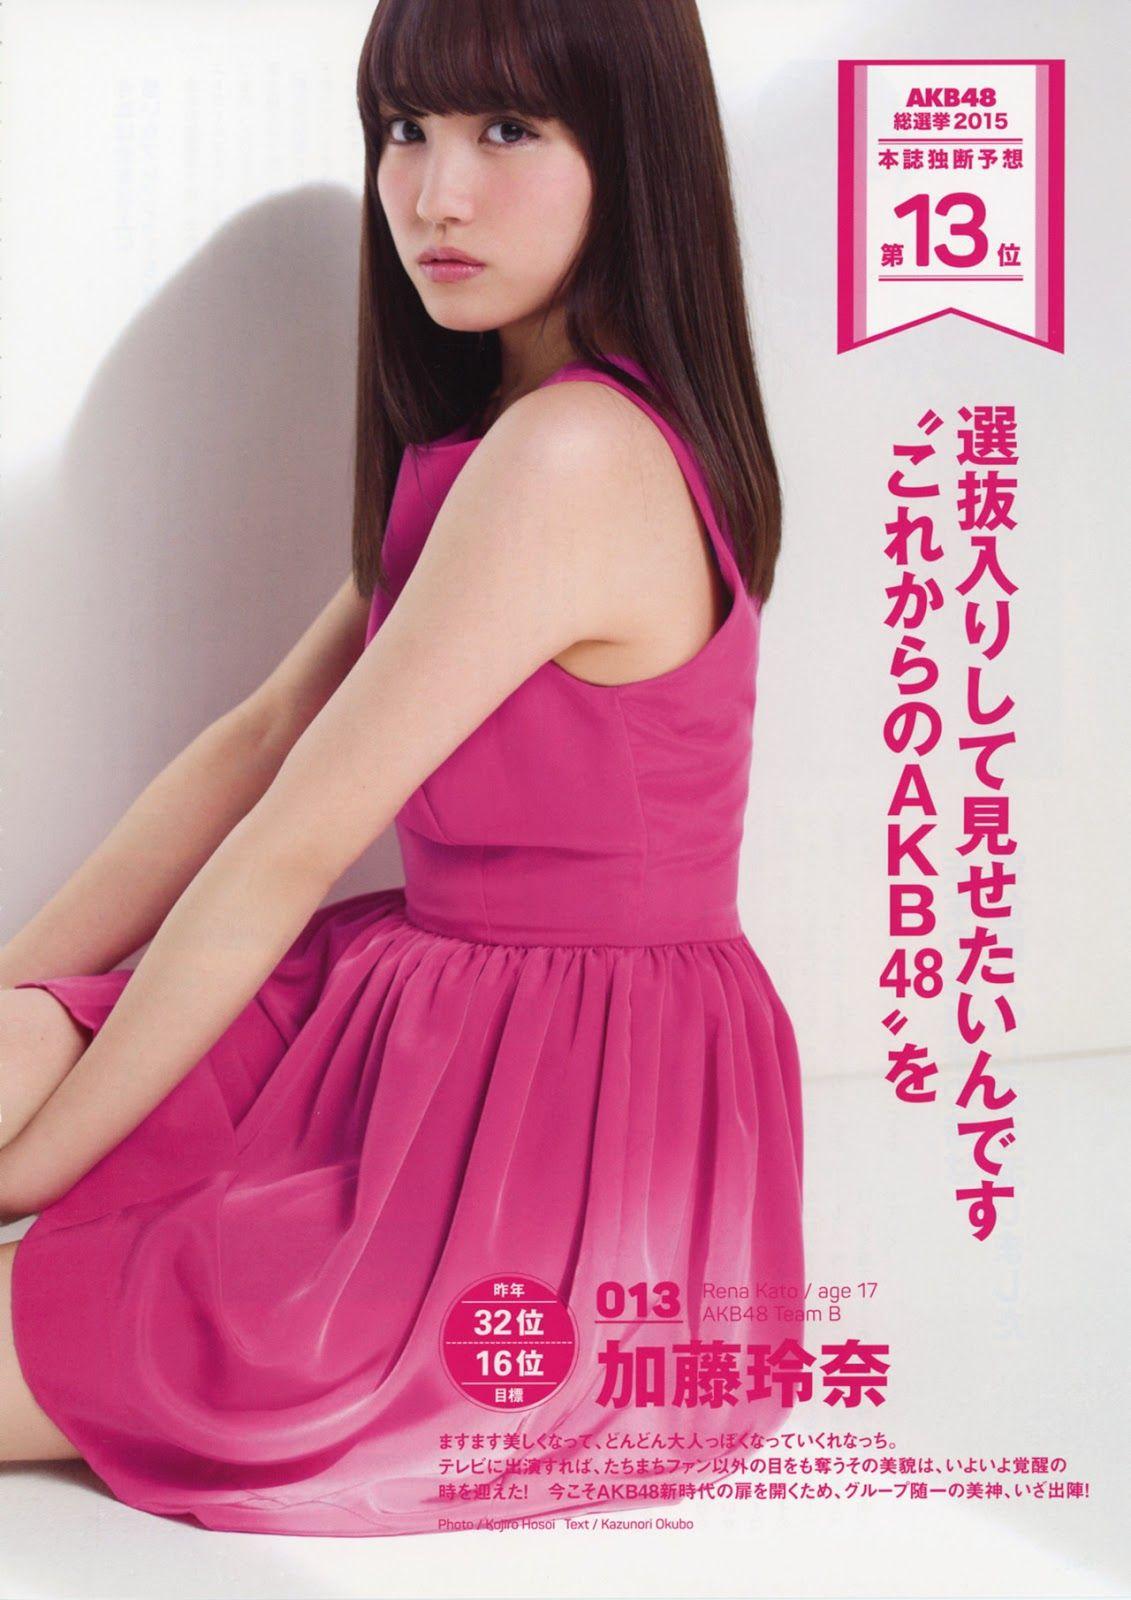 Team 4 AKB48 Rena Kato